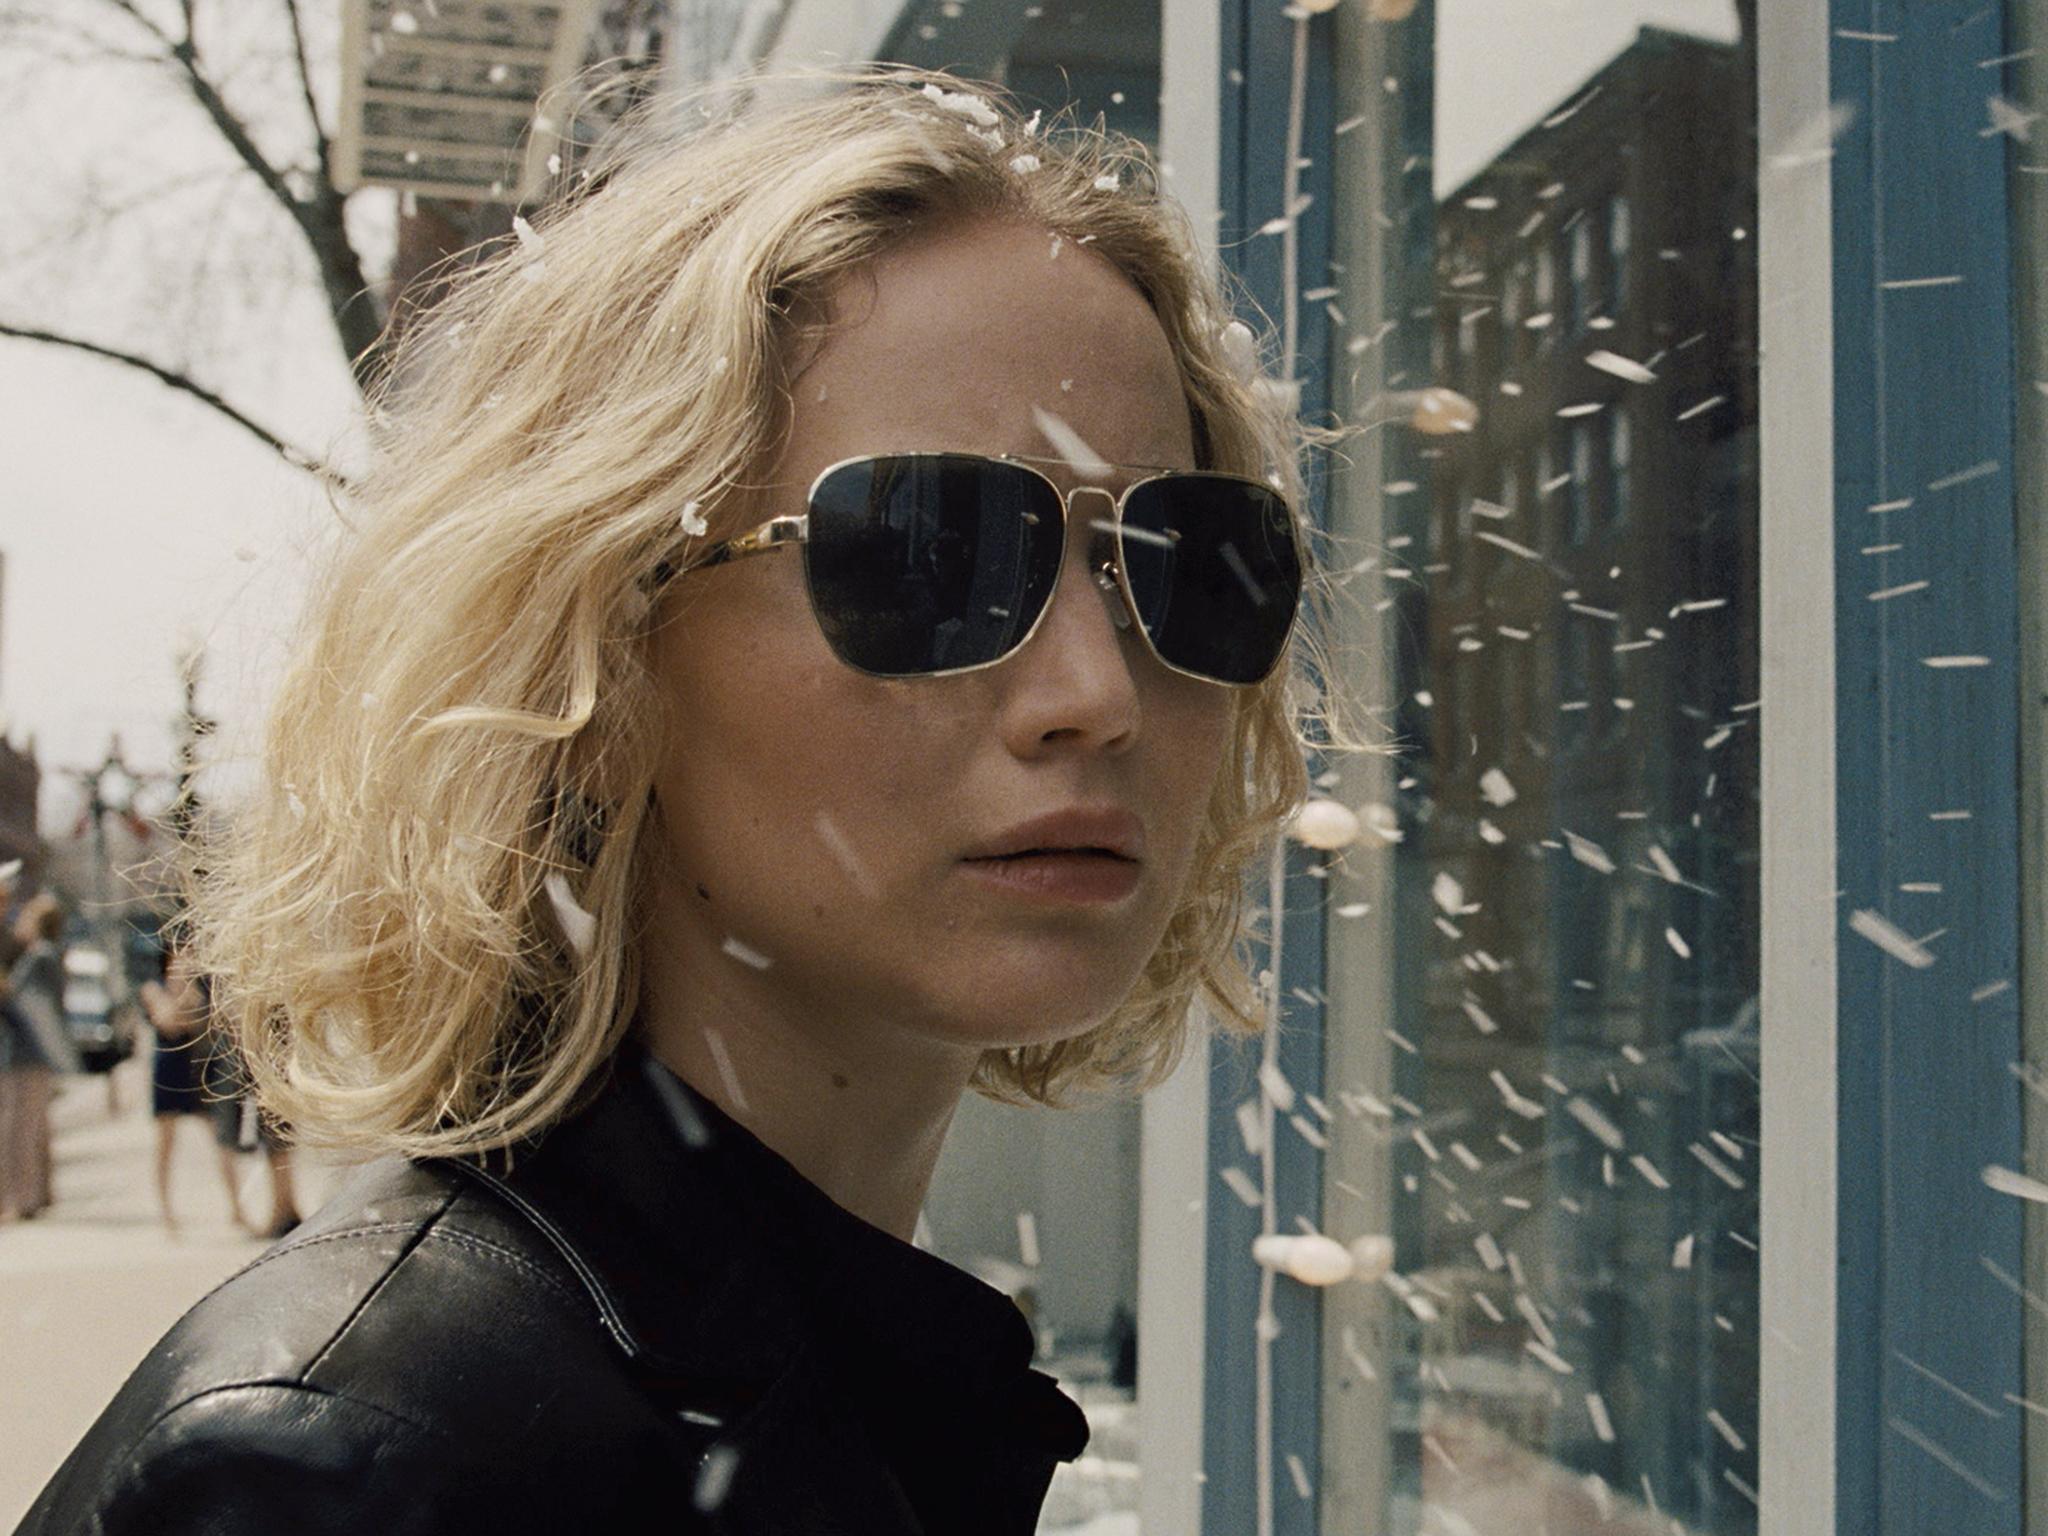 The Academy loves Jennifer Lawrence